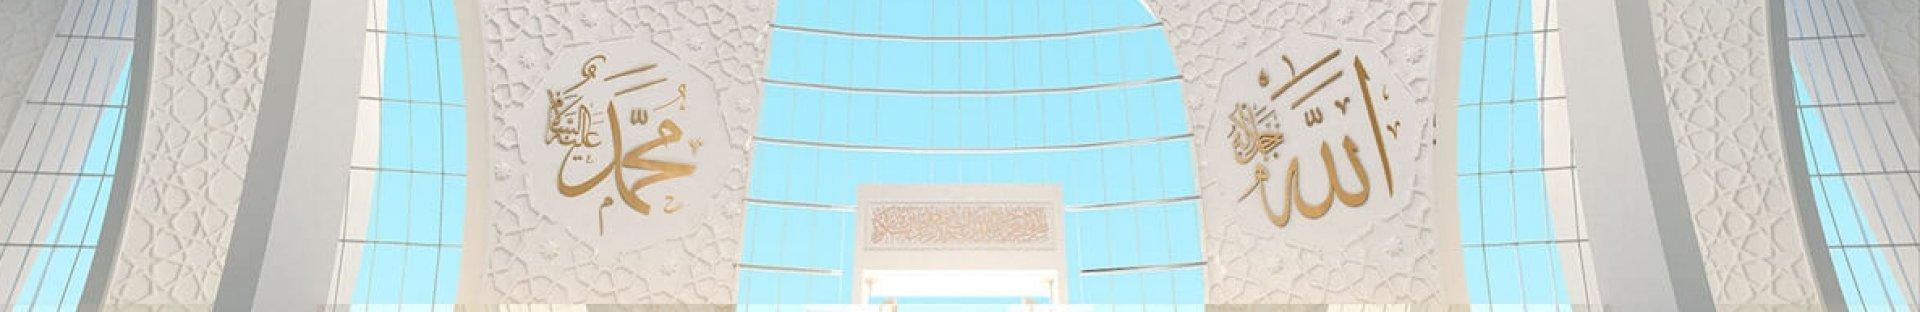 Diyanet Moschee Mönchengladbach